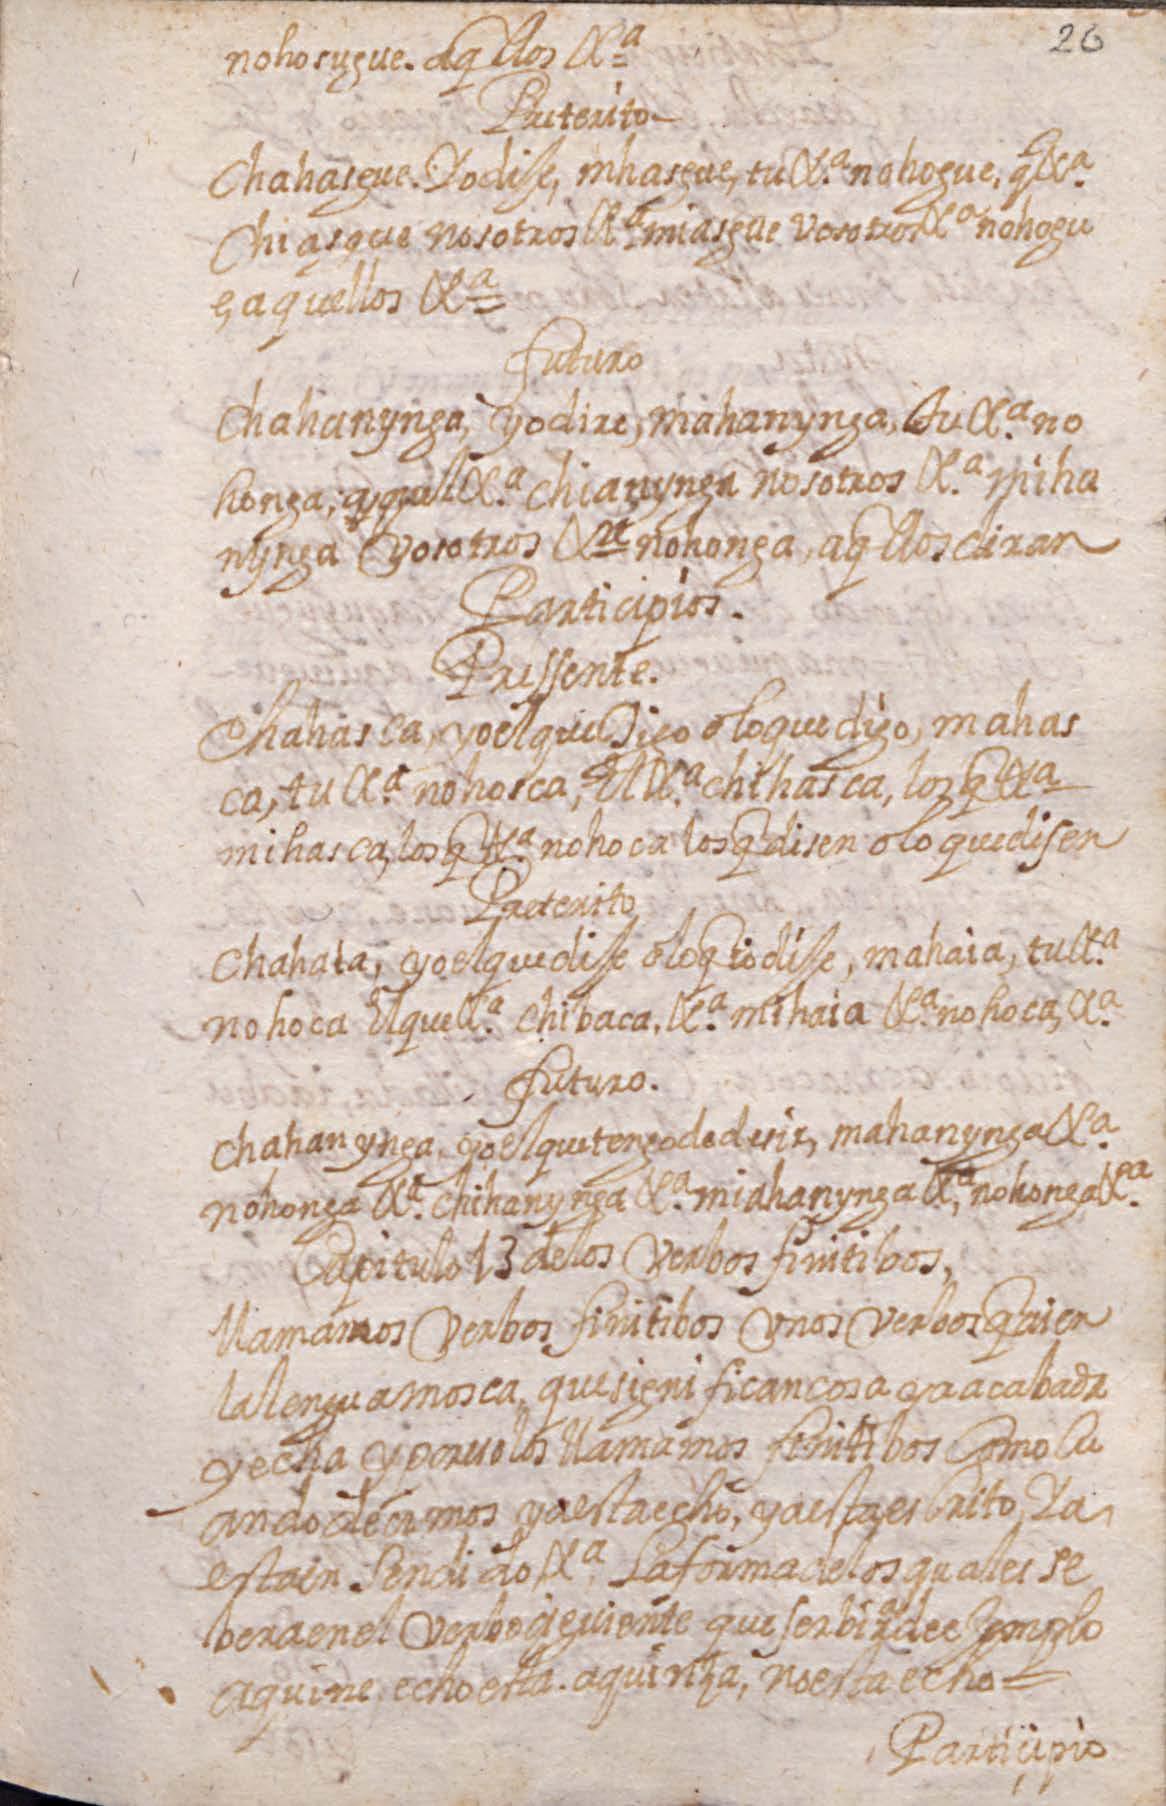 Manuscrito 158 BNC Gramatica - fol 26r.jpg